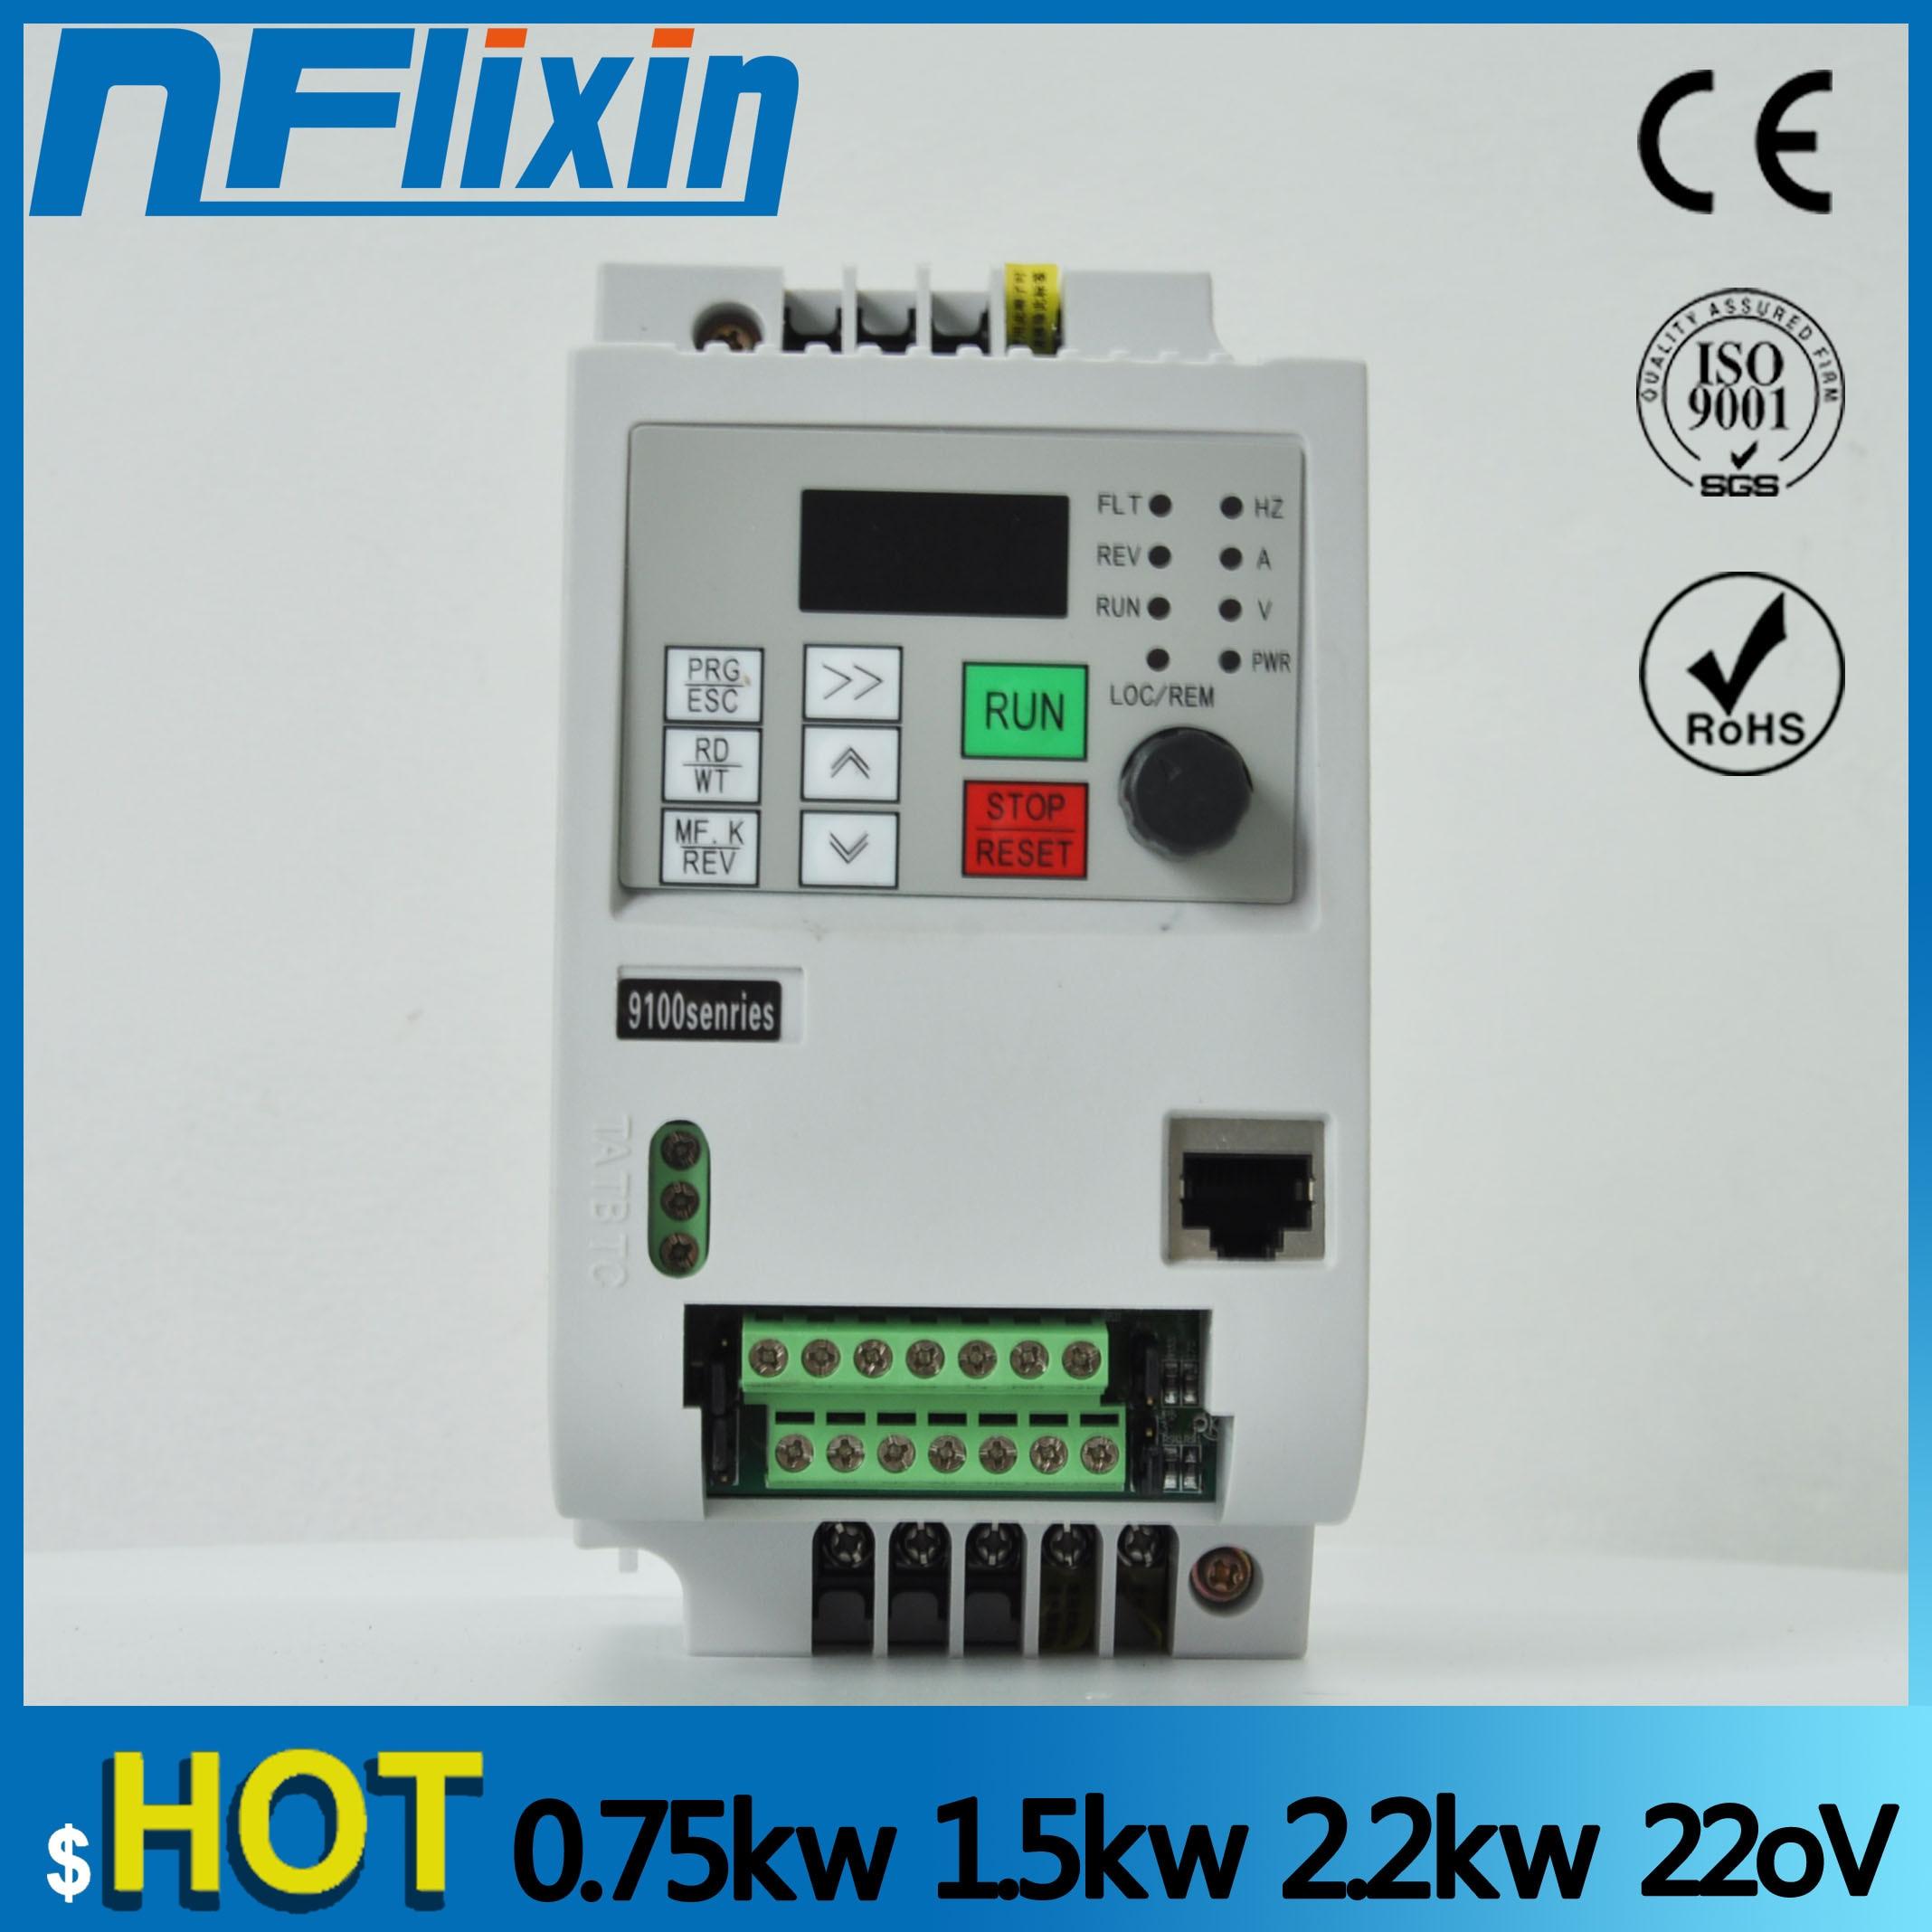 Частота 220 трехфазный мини VFD преобразователь частоты для управления скоростью двигателя преобразователь частоты